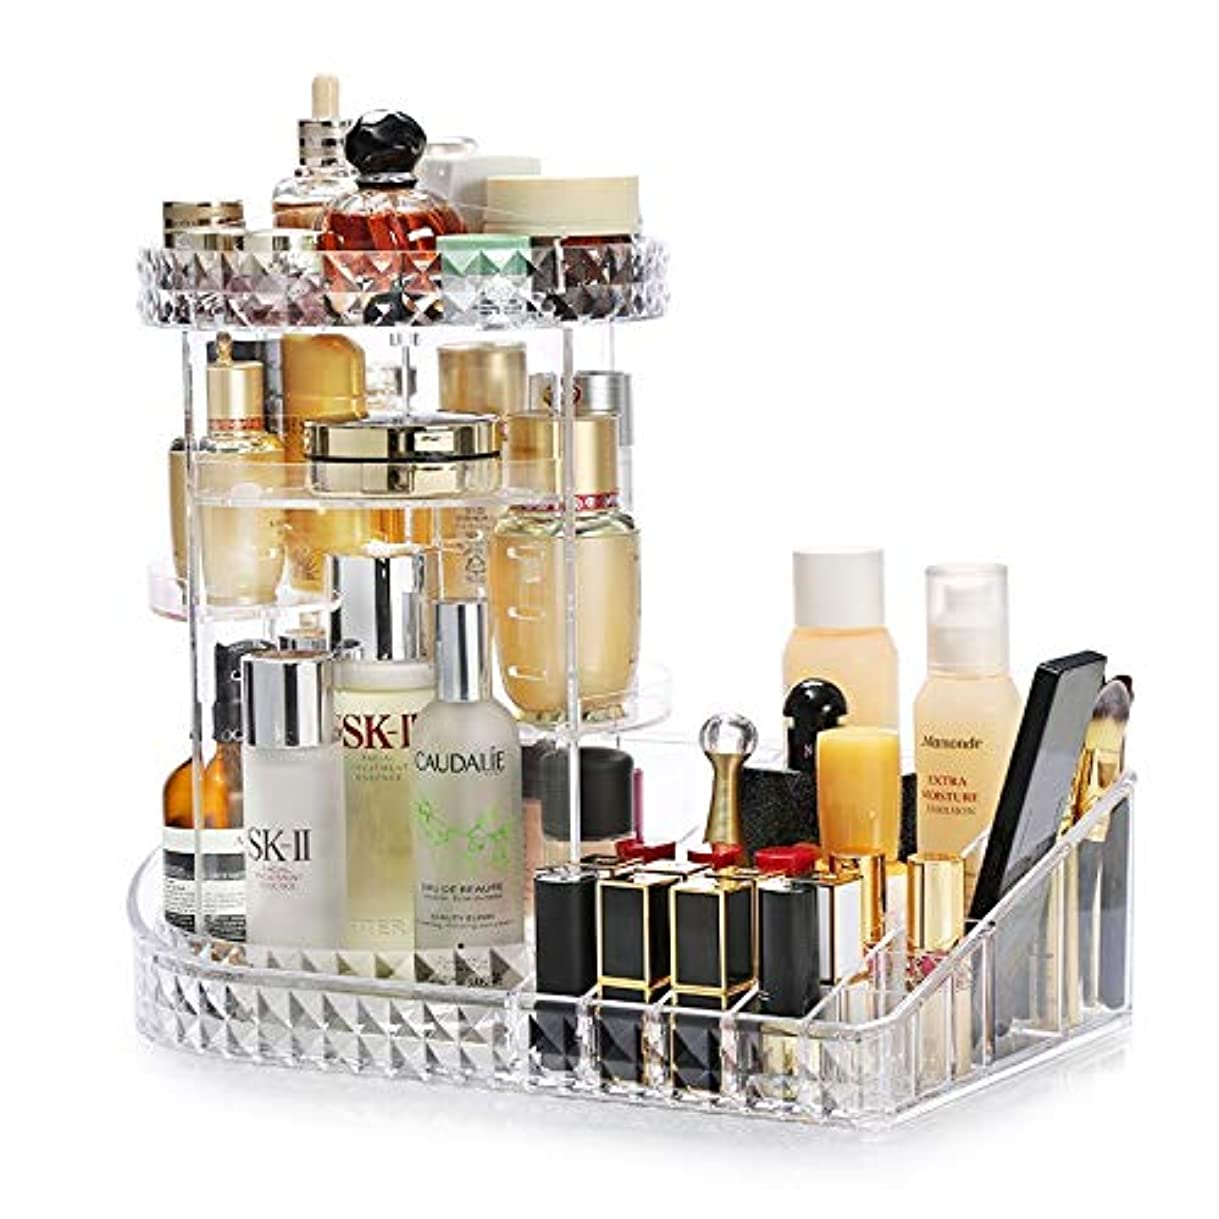 差し引く毒からかうNianor コスメ収納 化粧品収納 回転 メイクボックス 透明 超大容量 コスメ収納ボックス コスメボックス アクリル 化粧道具入れ